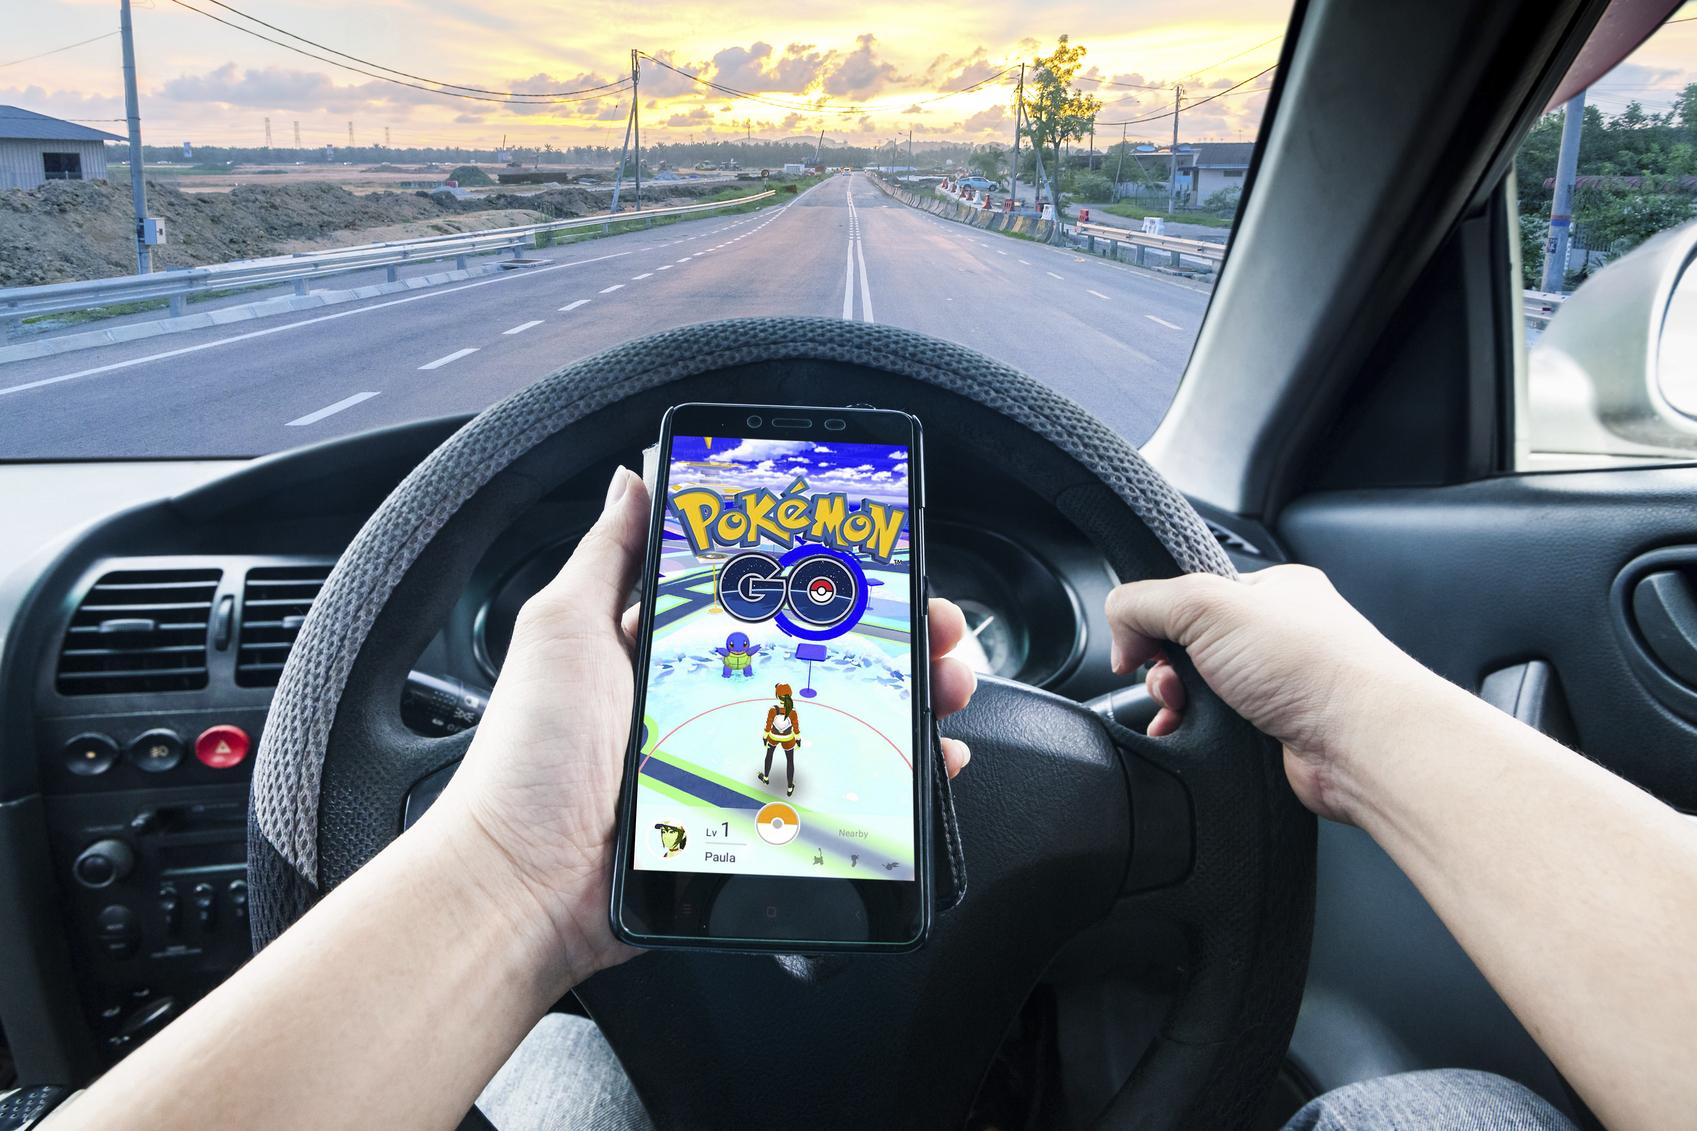 Le jeu Pokémon GO cause la mort de 2 enfants à Montréal? C pas vrai!